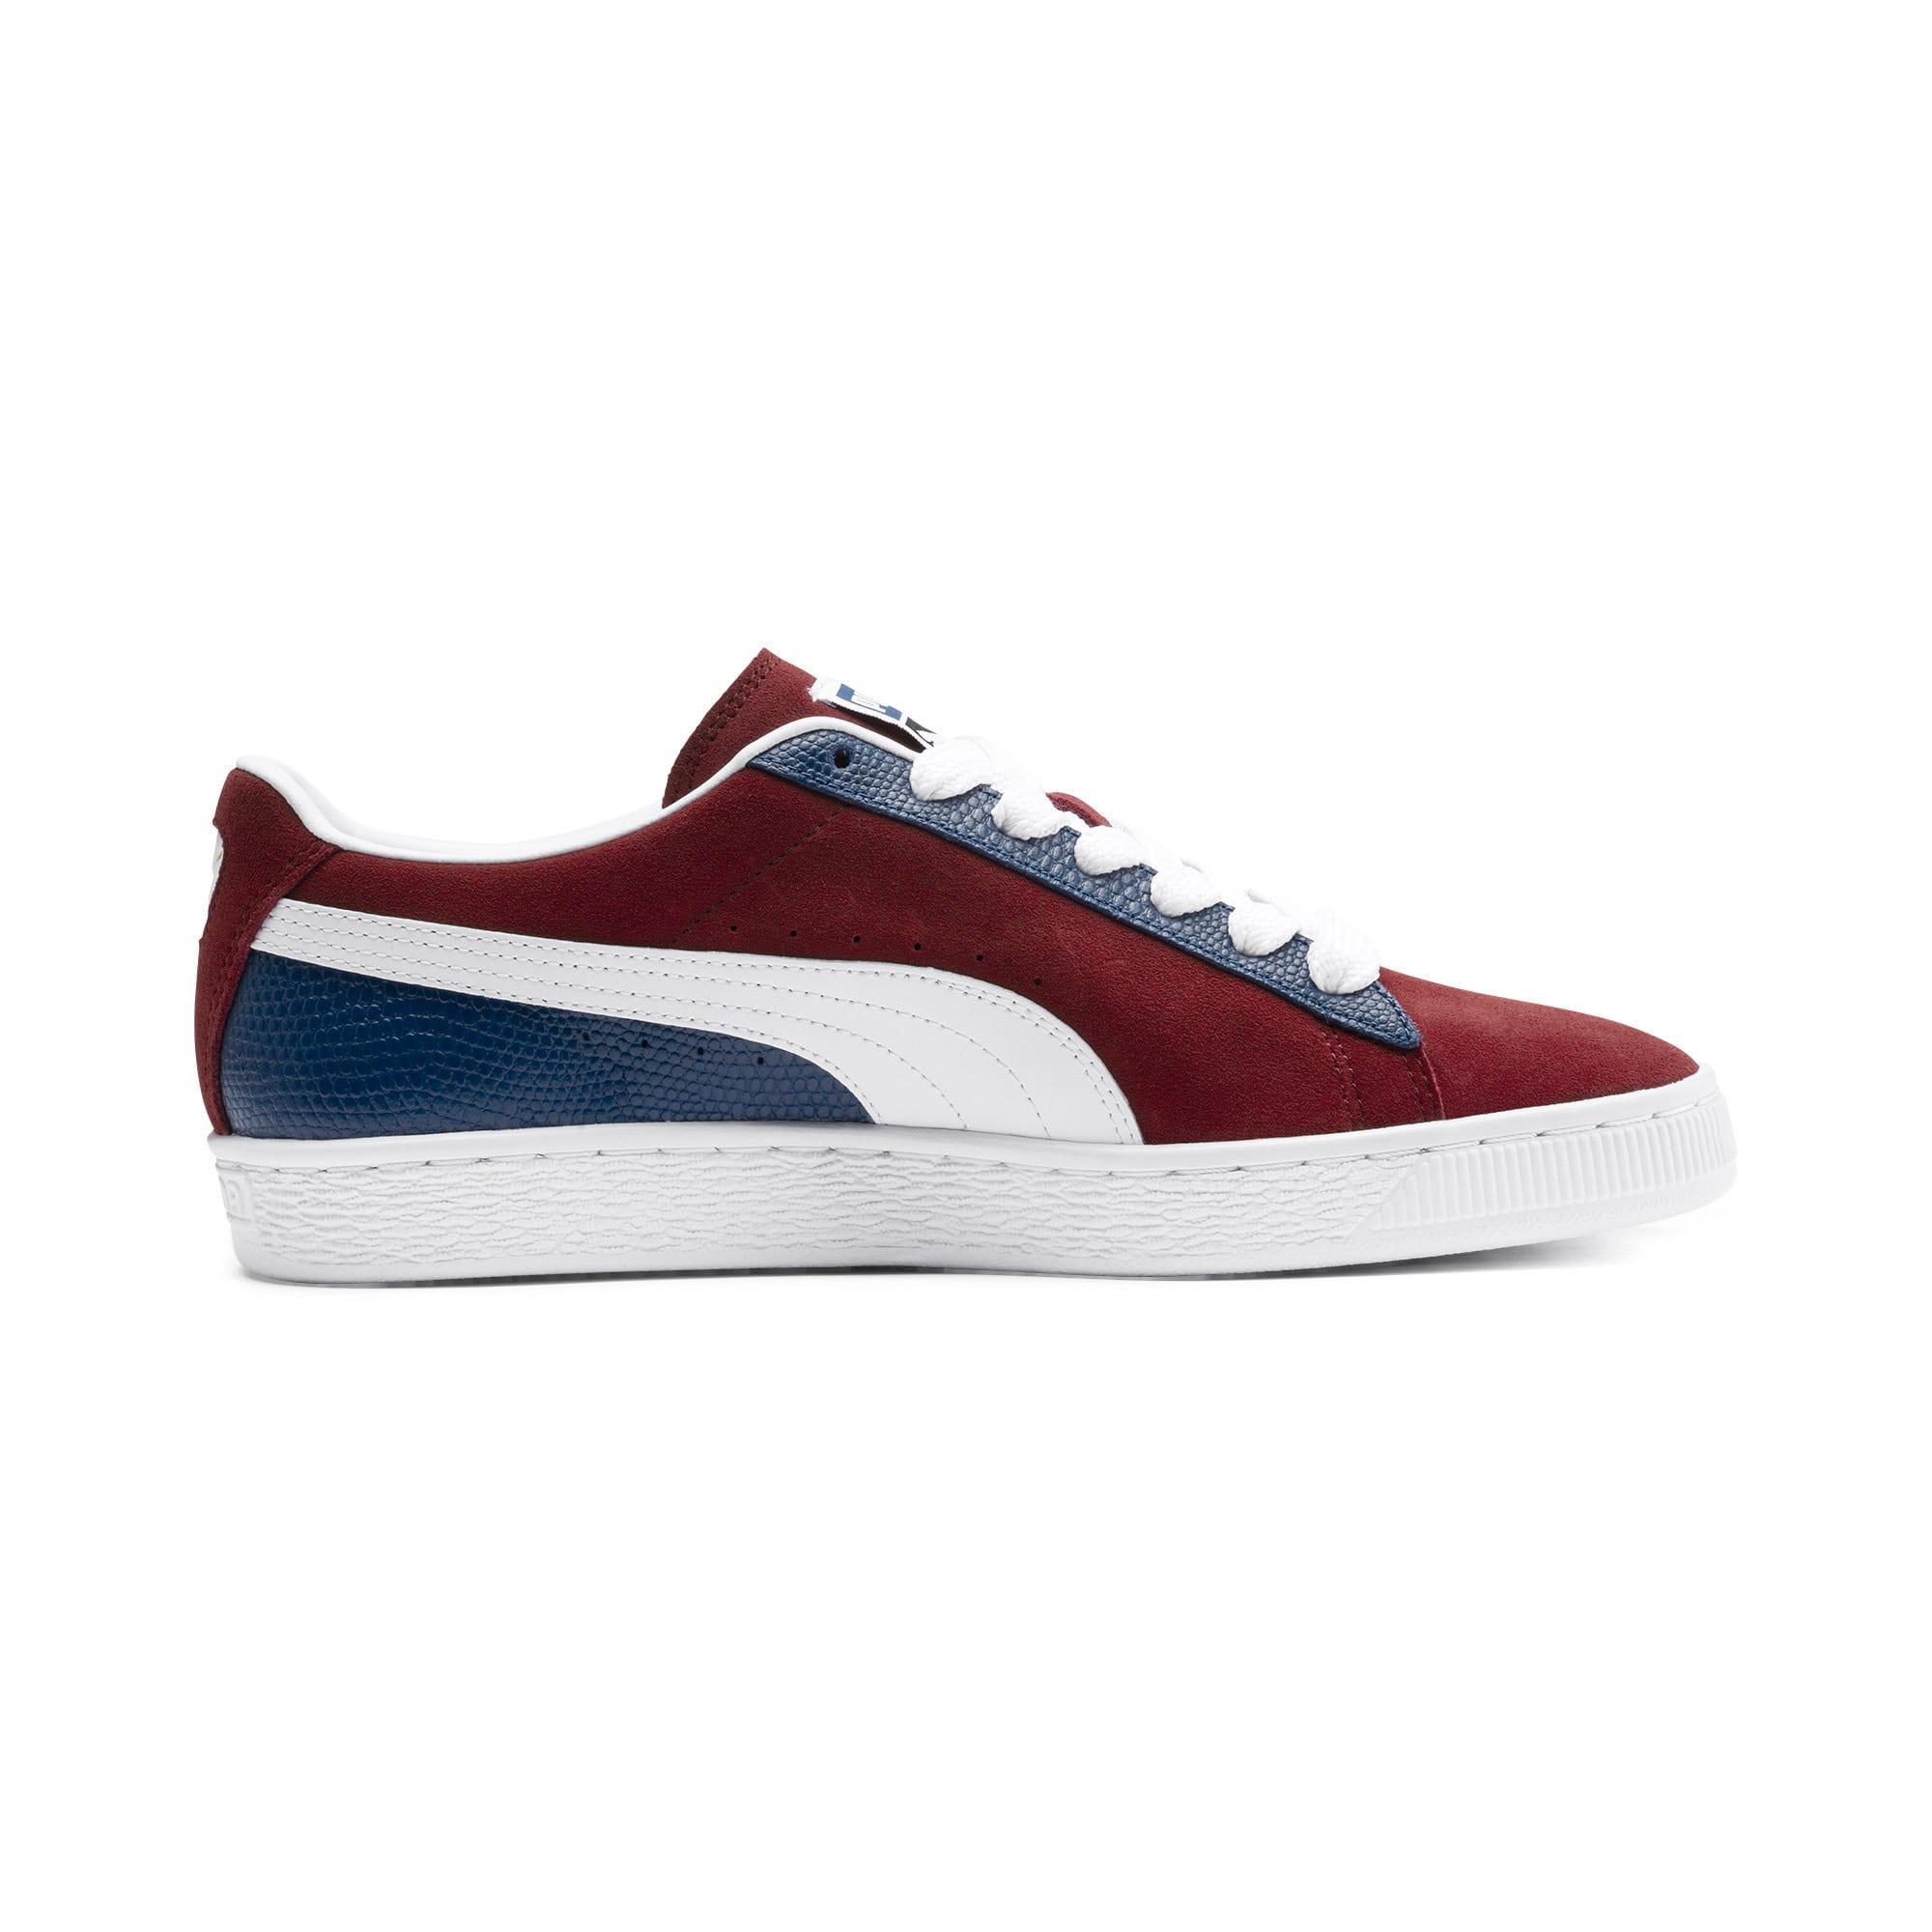 Miniatura 6 de Zapatos deportivos Suede Classic Block, Rhubarb-Azul-Blanco, mediano